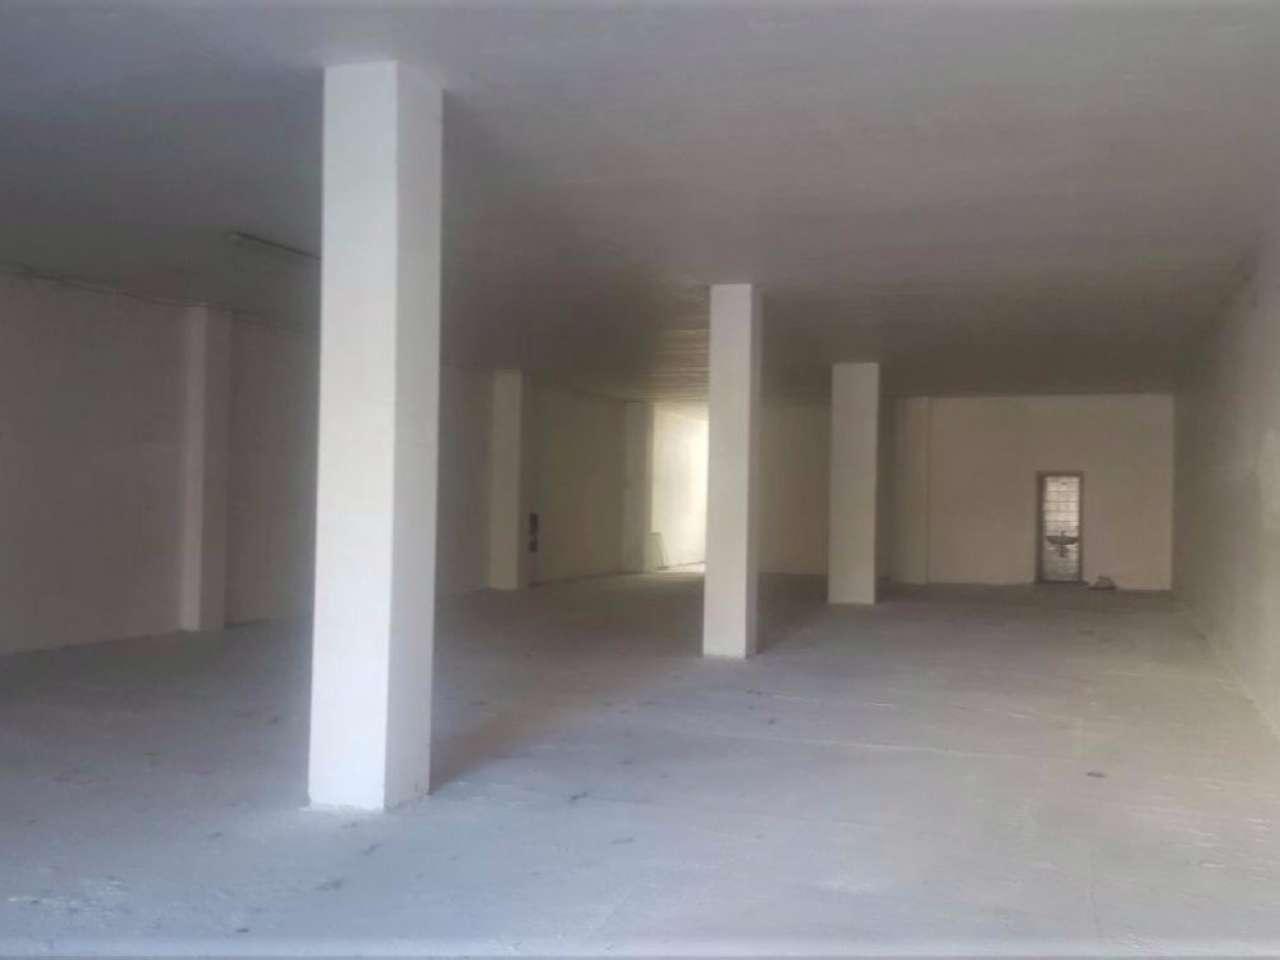 Negozio / Locale in vendita a Monterotondo, 2 locali, prezzo € 574.240 | CambioCasa.it